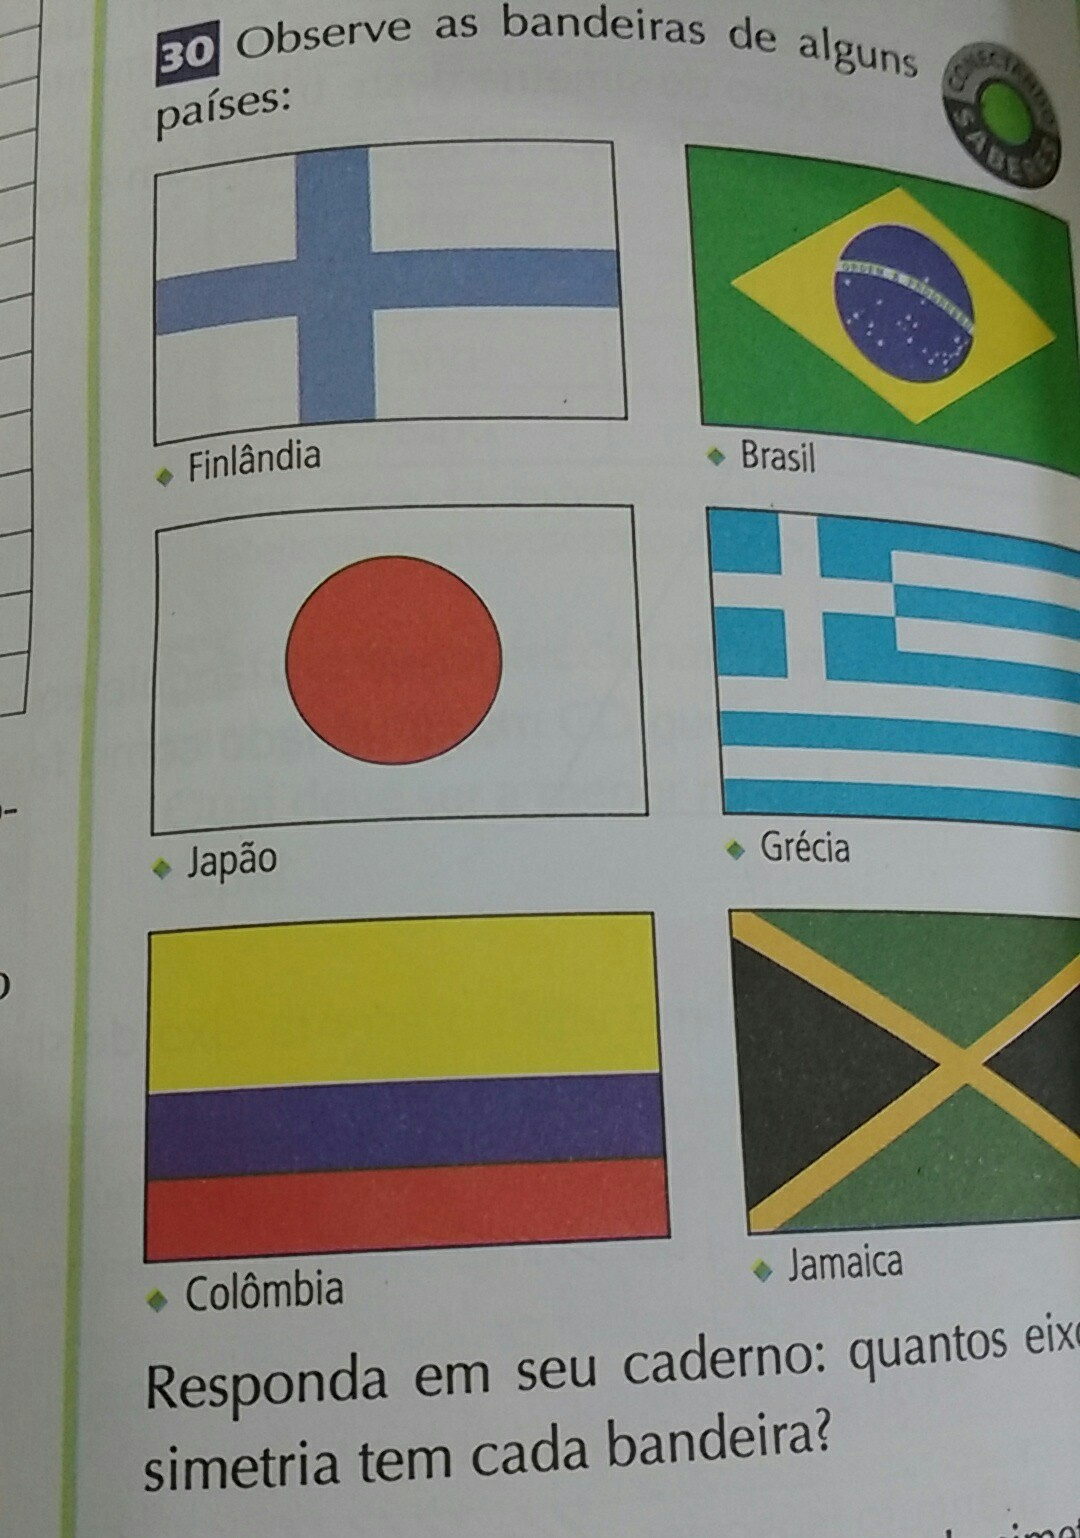 Observe as bandeiras de alguns paises.Responda em seu caderno quantos eixos  de simetria tem em cada bandeira 32d1a1b9d5493